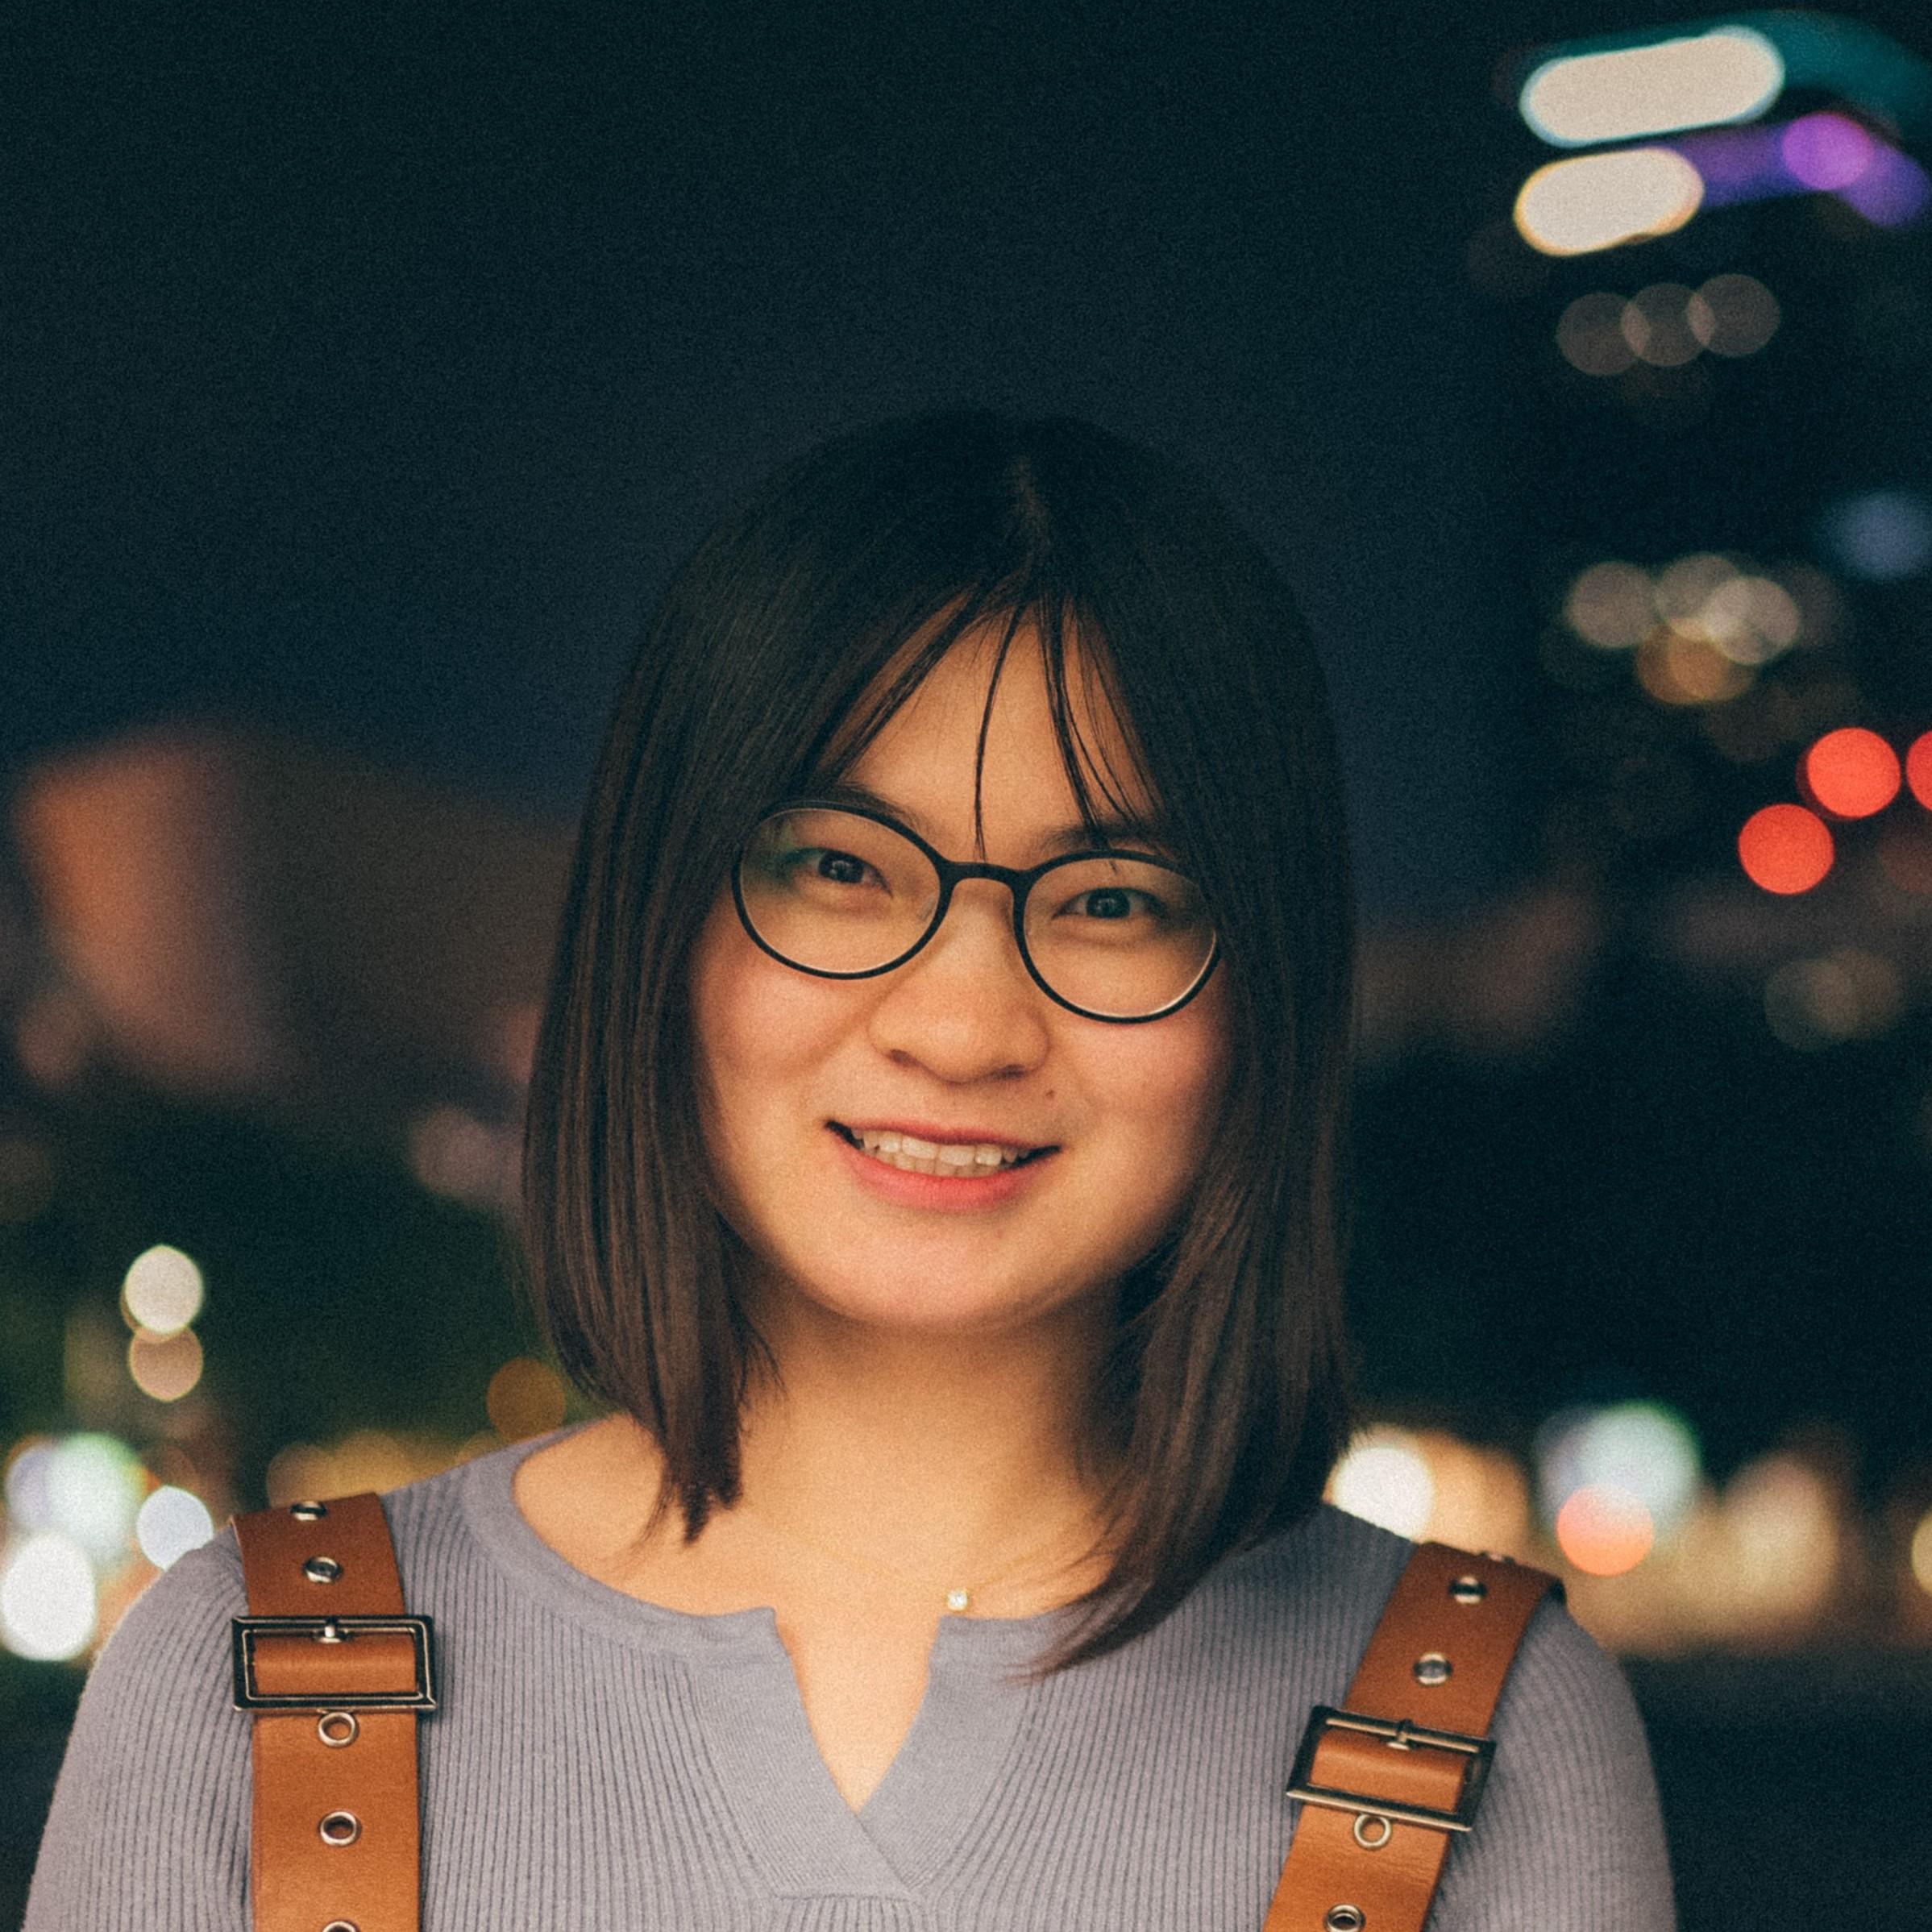 Zhehui Zhang